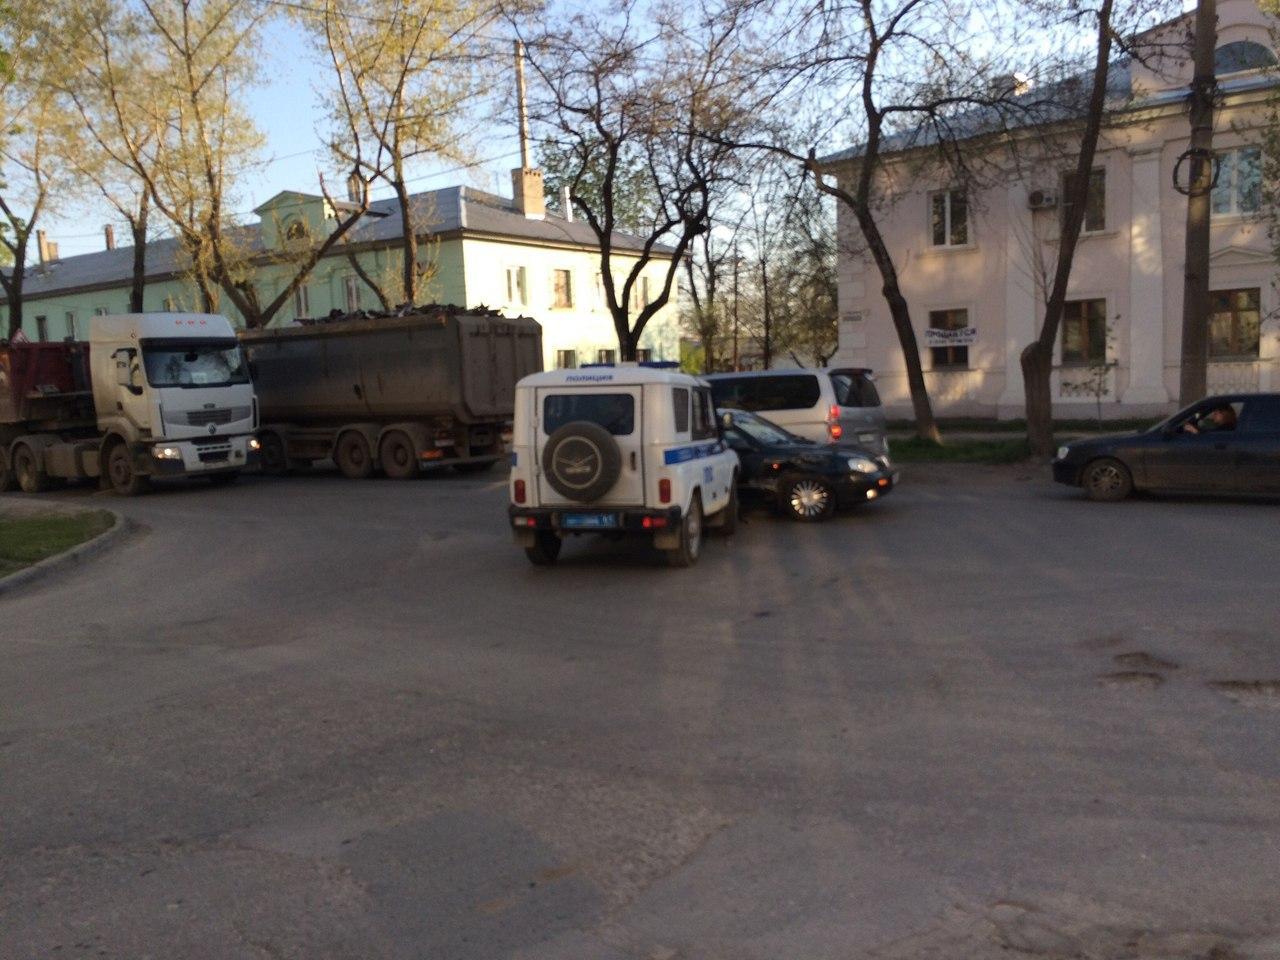 В Таганроге на улице Бабушкина автомобиль ППС столкнулся с иномаркой